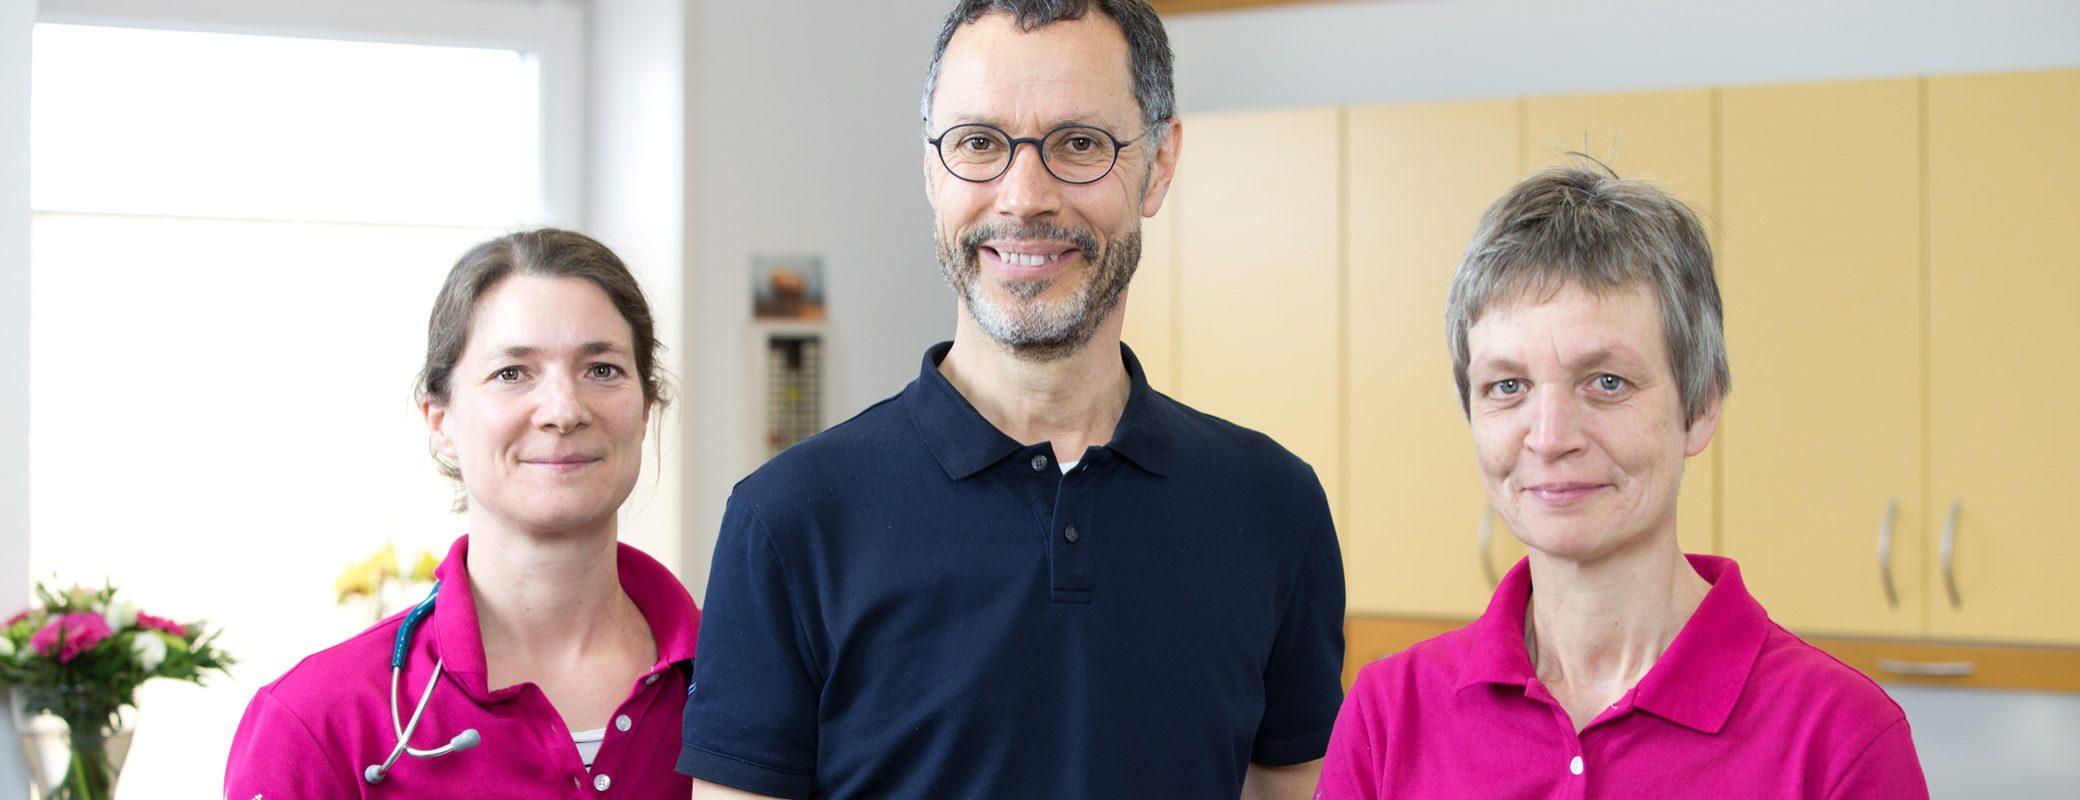 Dr. Dorothee Stückemann, Dr. Gerd Hüttenbrink und Elke Lügering